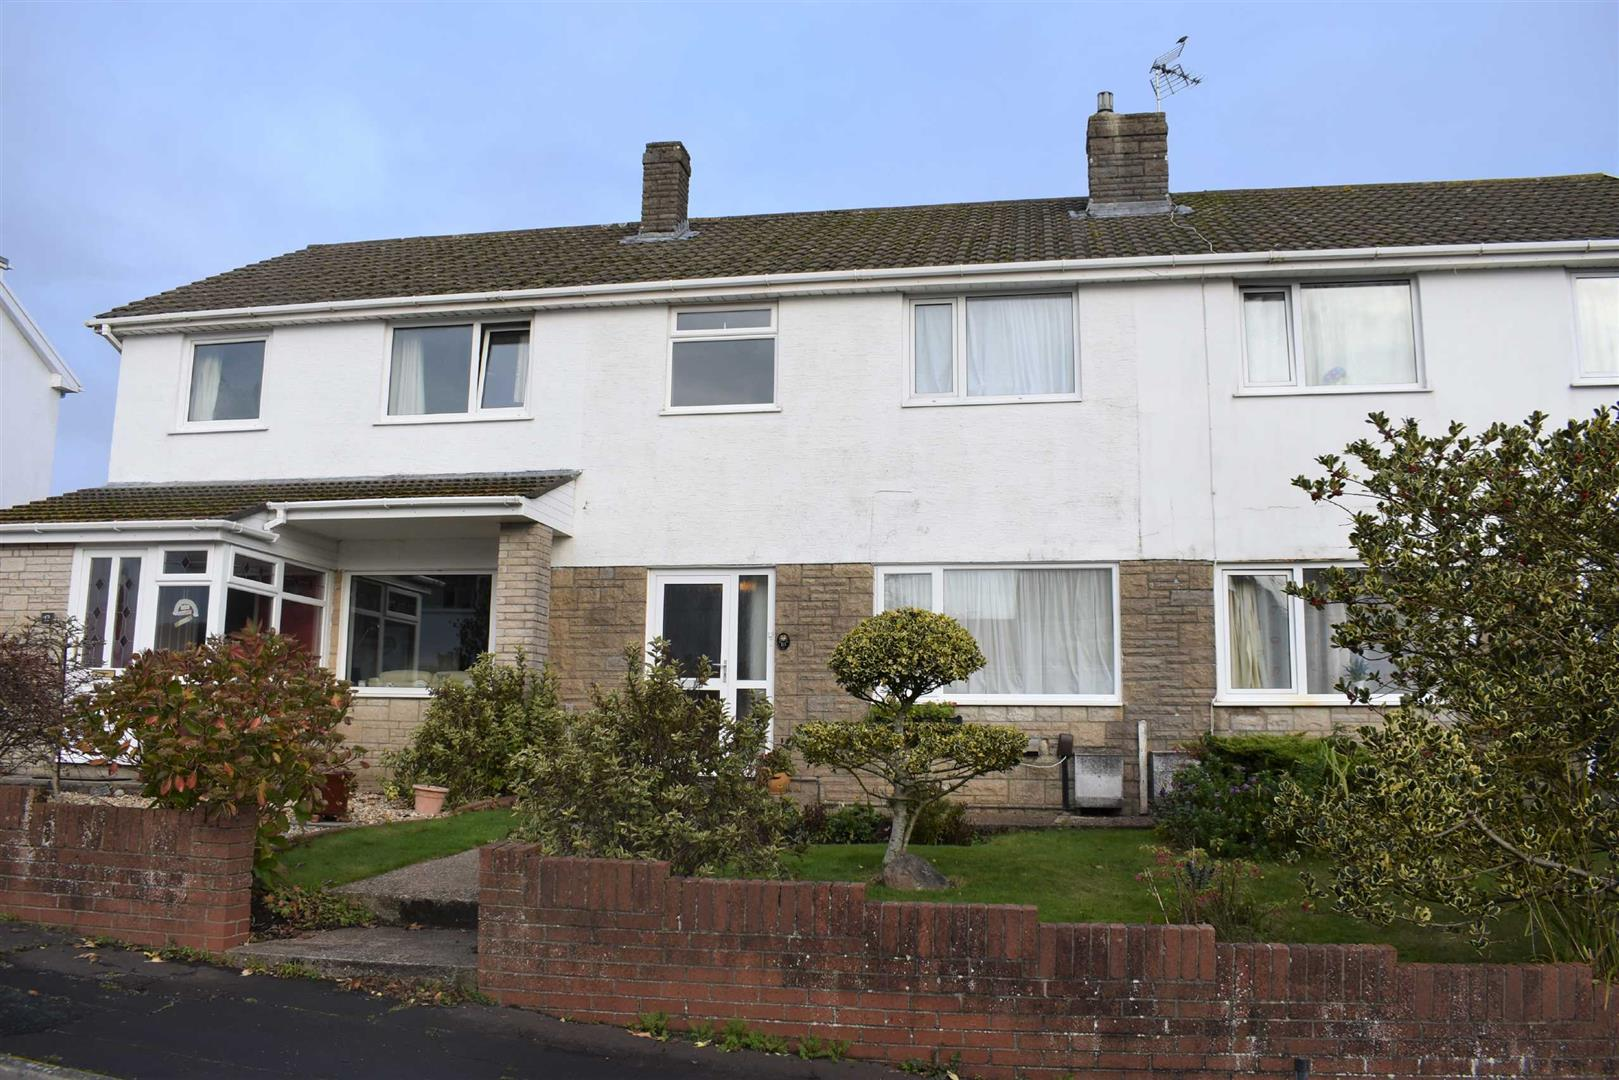 Lambourne Drive, Newton, Swansea, SA3 4UW